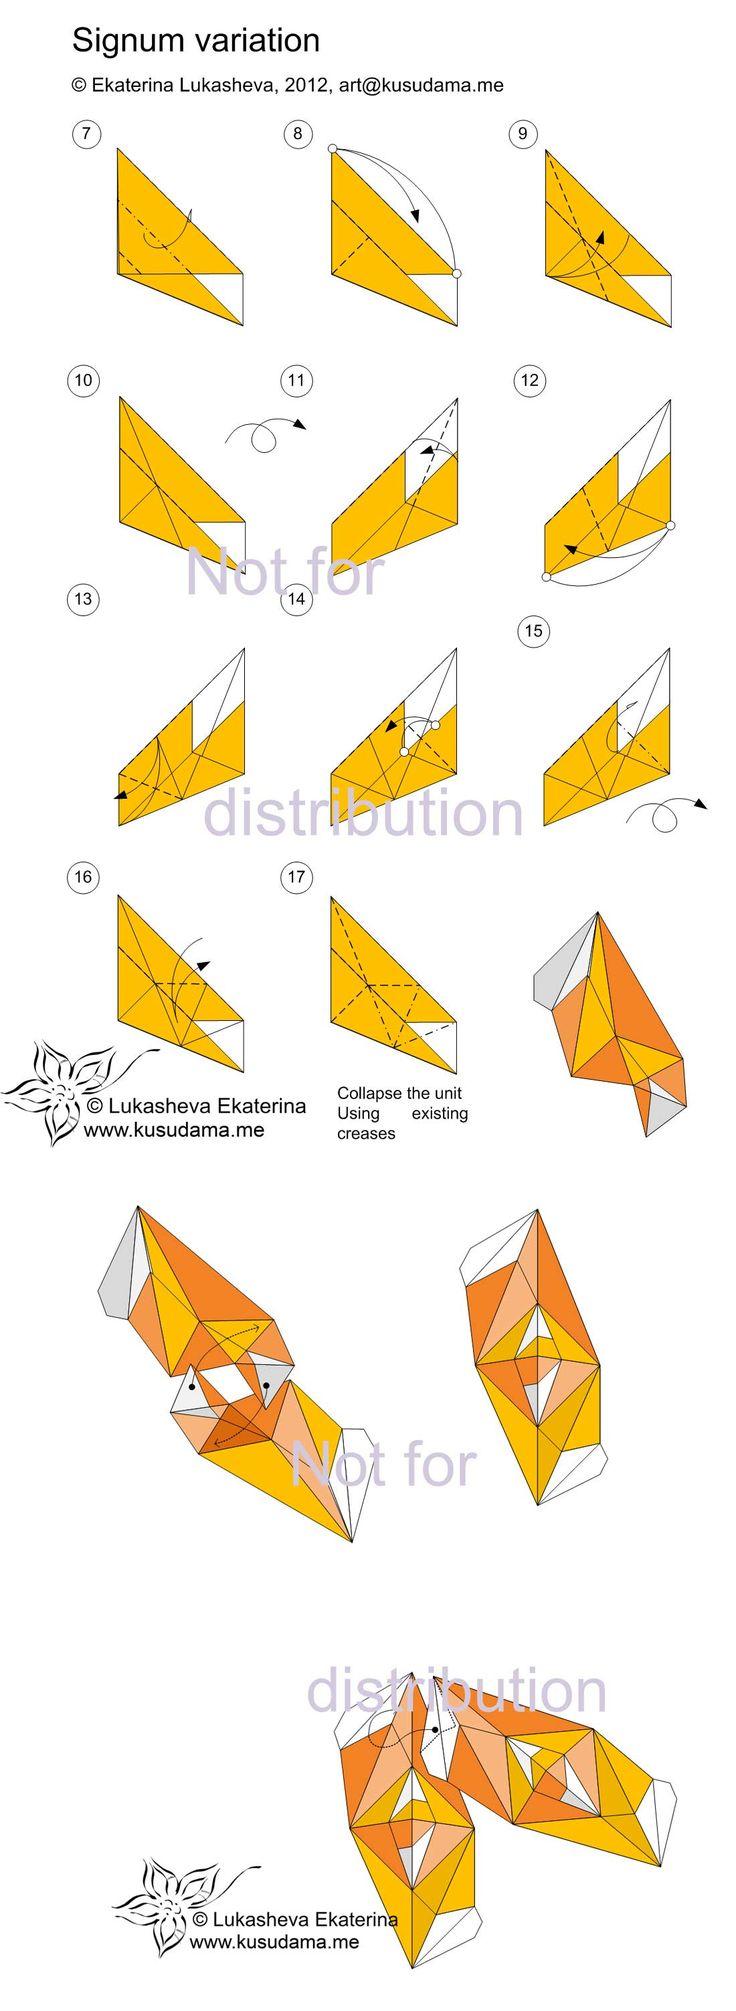 Best 25+ Fun origami ideas on Pinterest | Origami ideas ... - photo#31